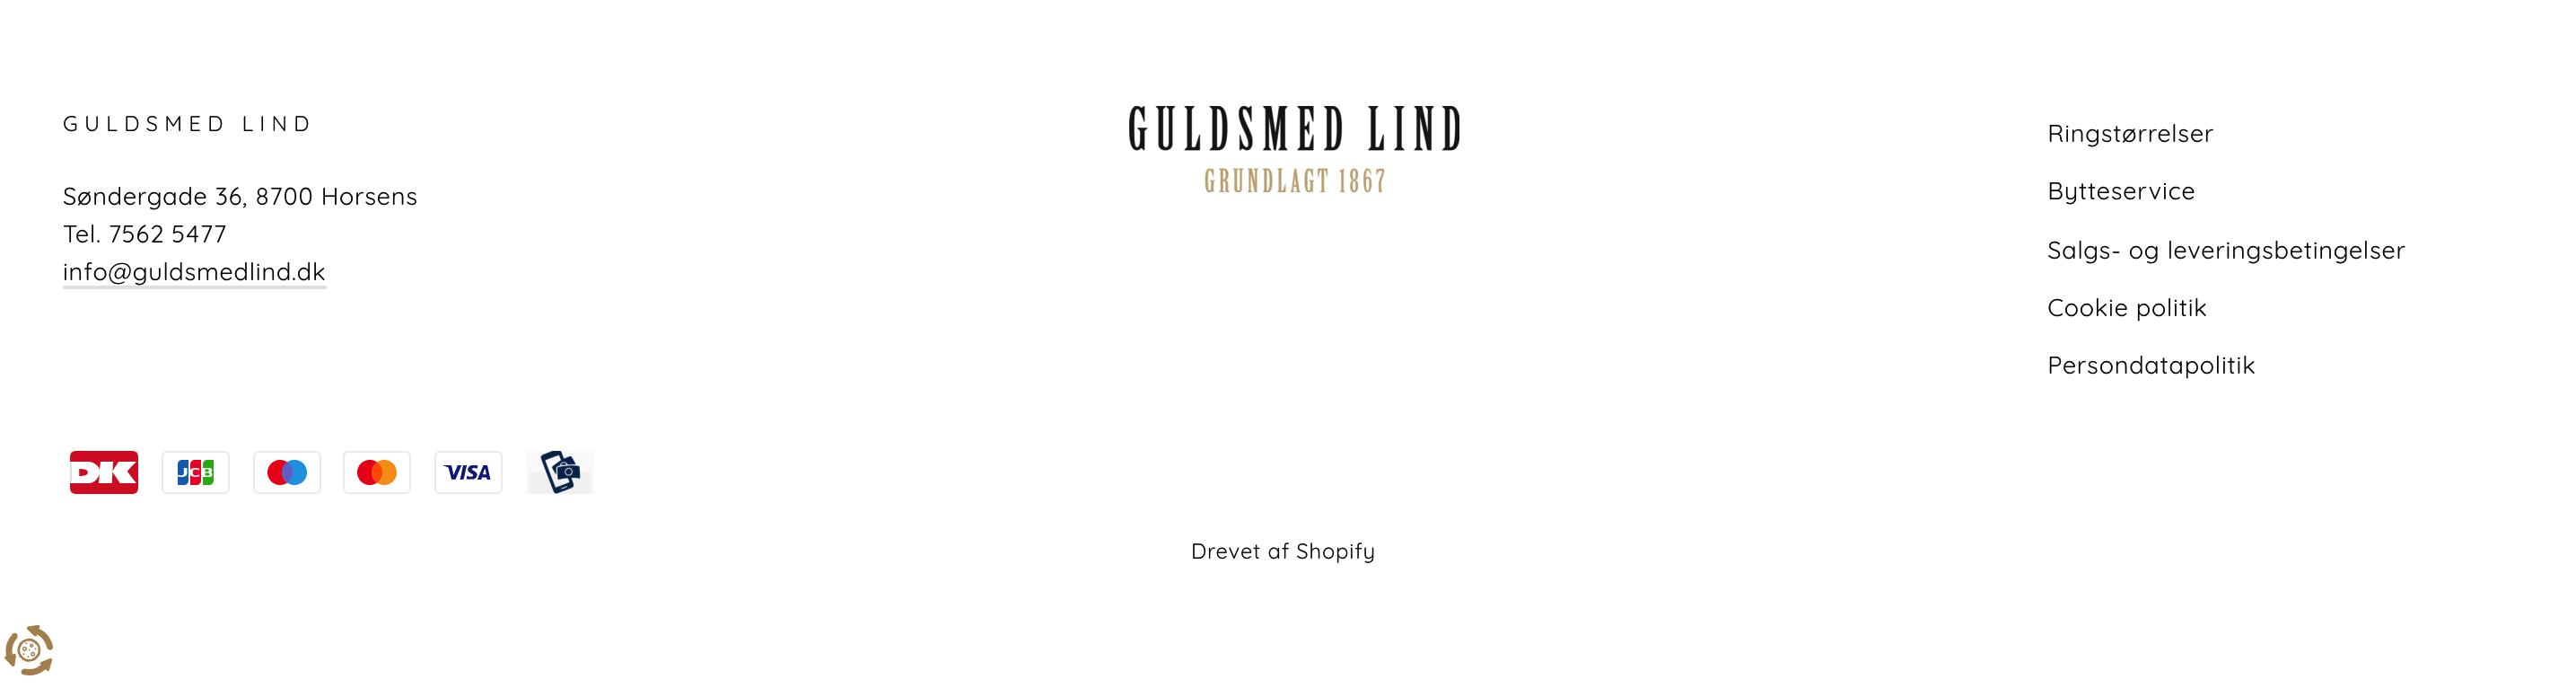 Billede af footeren hos Guldsmed Lind